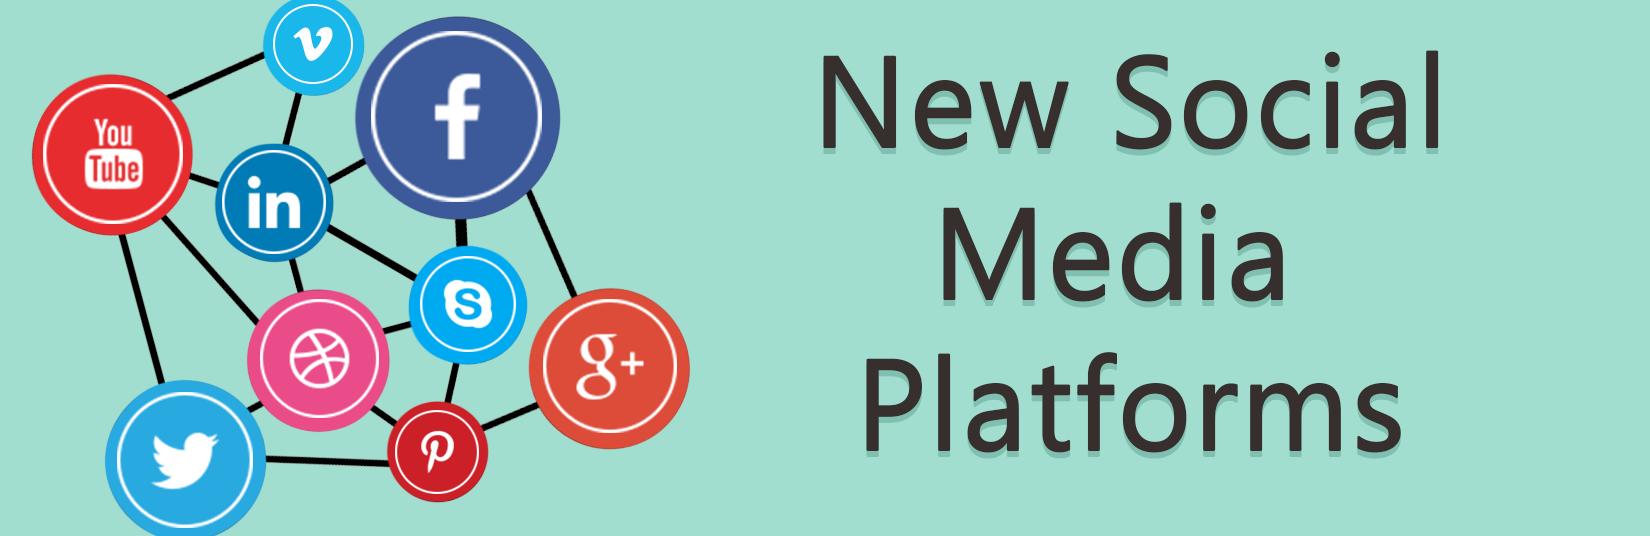 New social media platforms